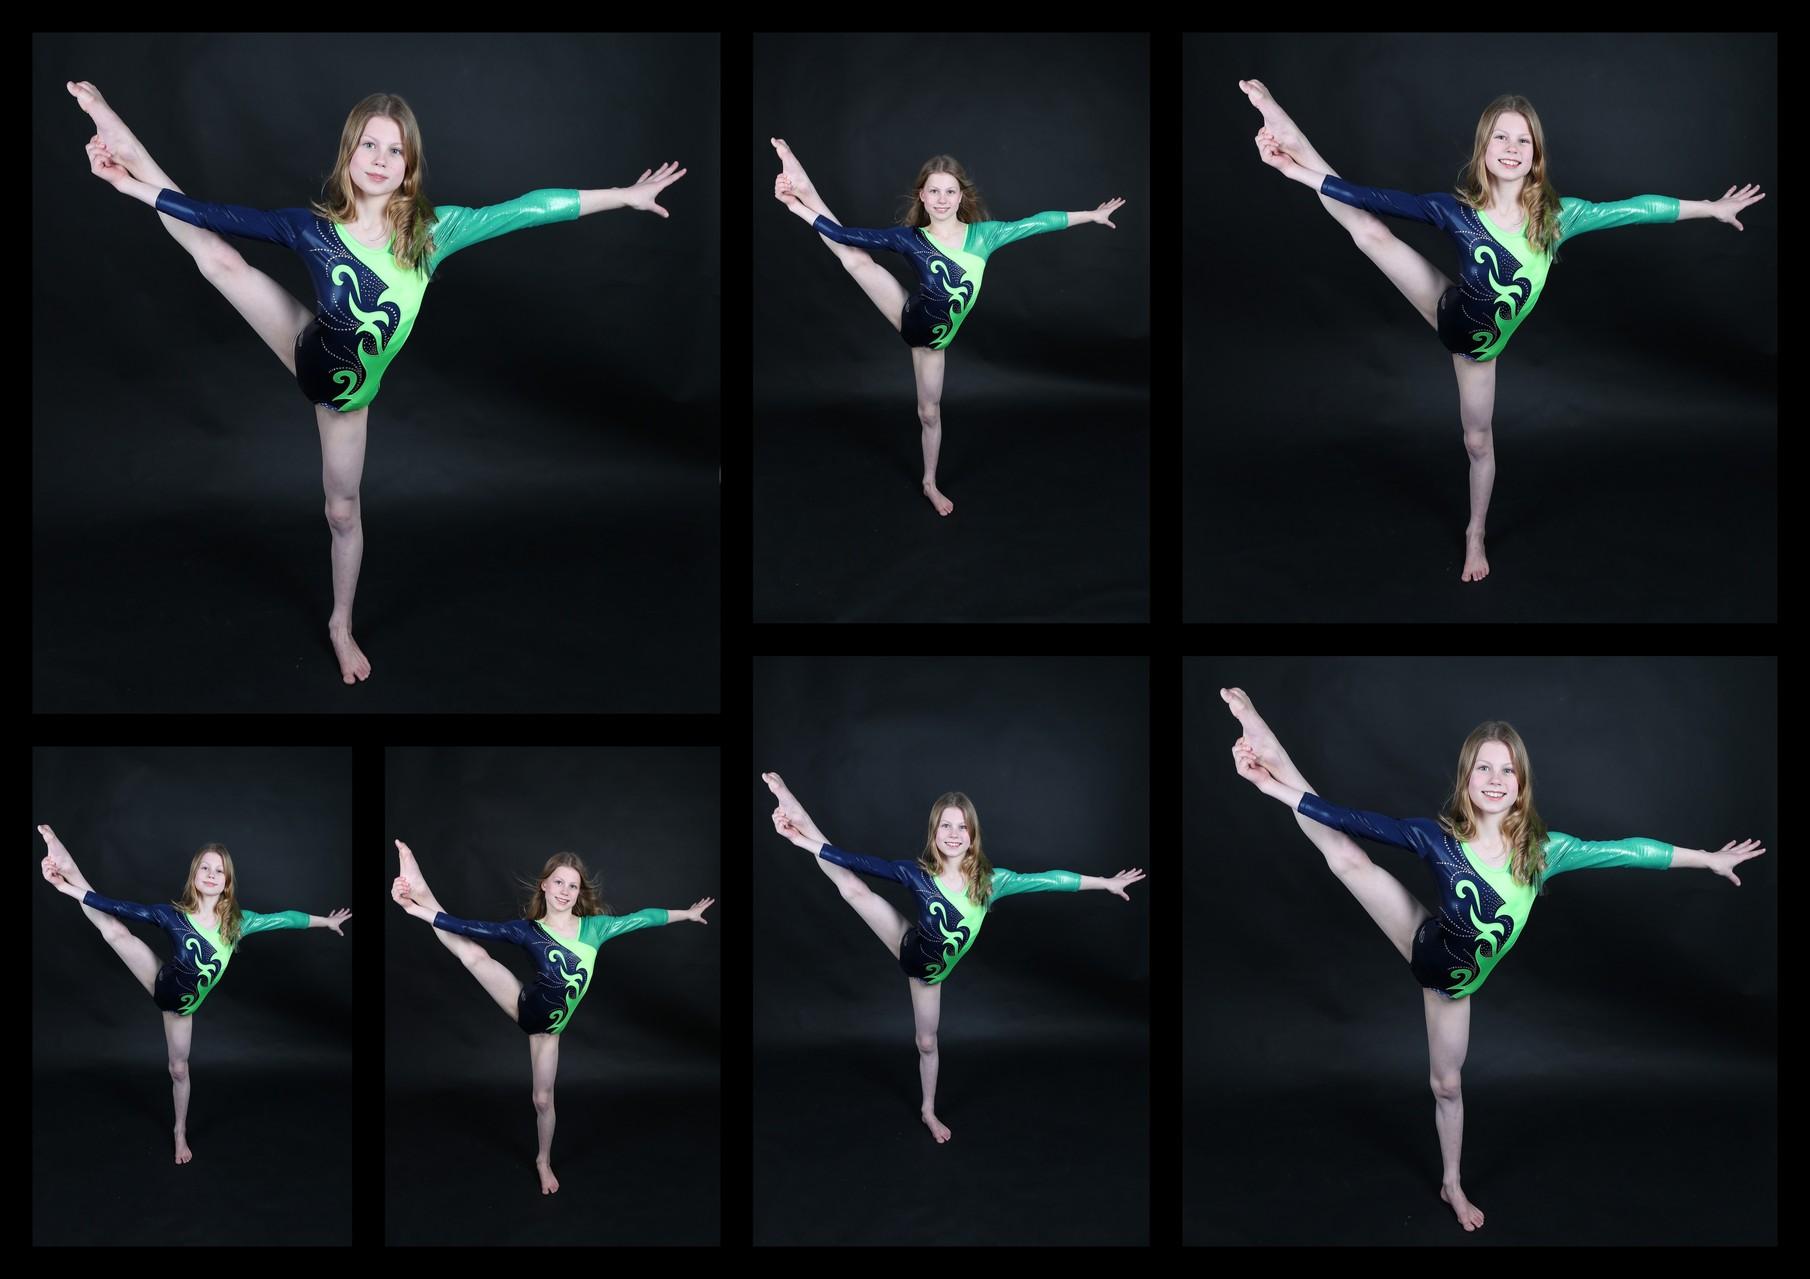 Turnen fotoshoot . sport . meisjes . Wedstrijdturnen . meisjes Gymnastiek . jongens en meisjes . fotoshoot gymnastiek en turnen . Bijzondere momenten verdienen bijzondere aandacht